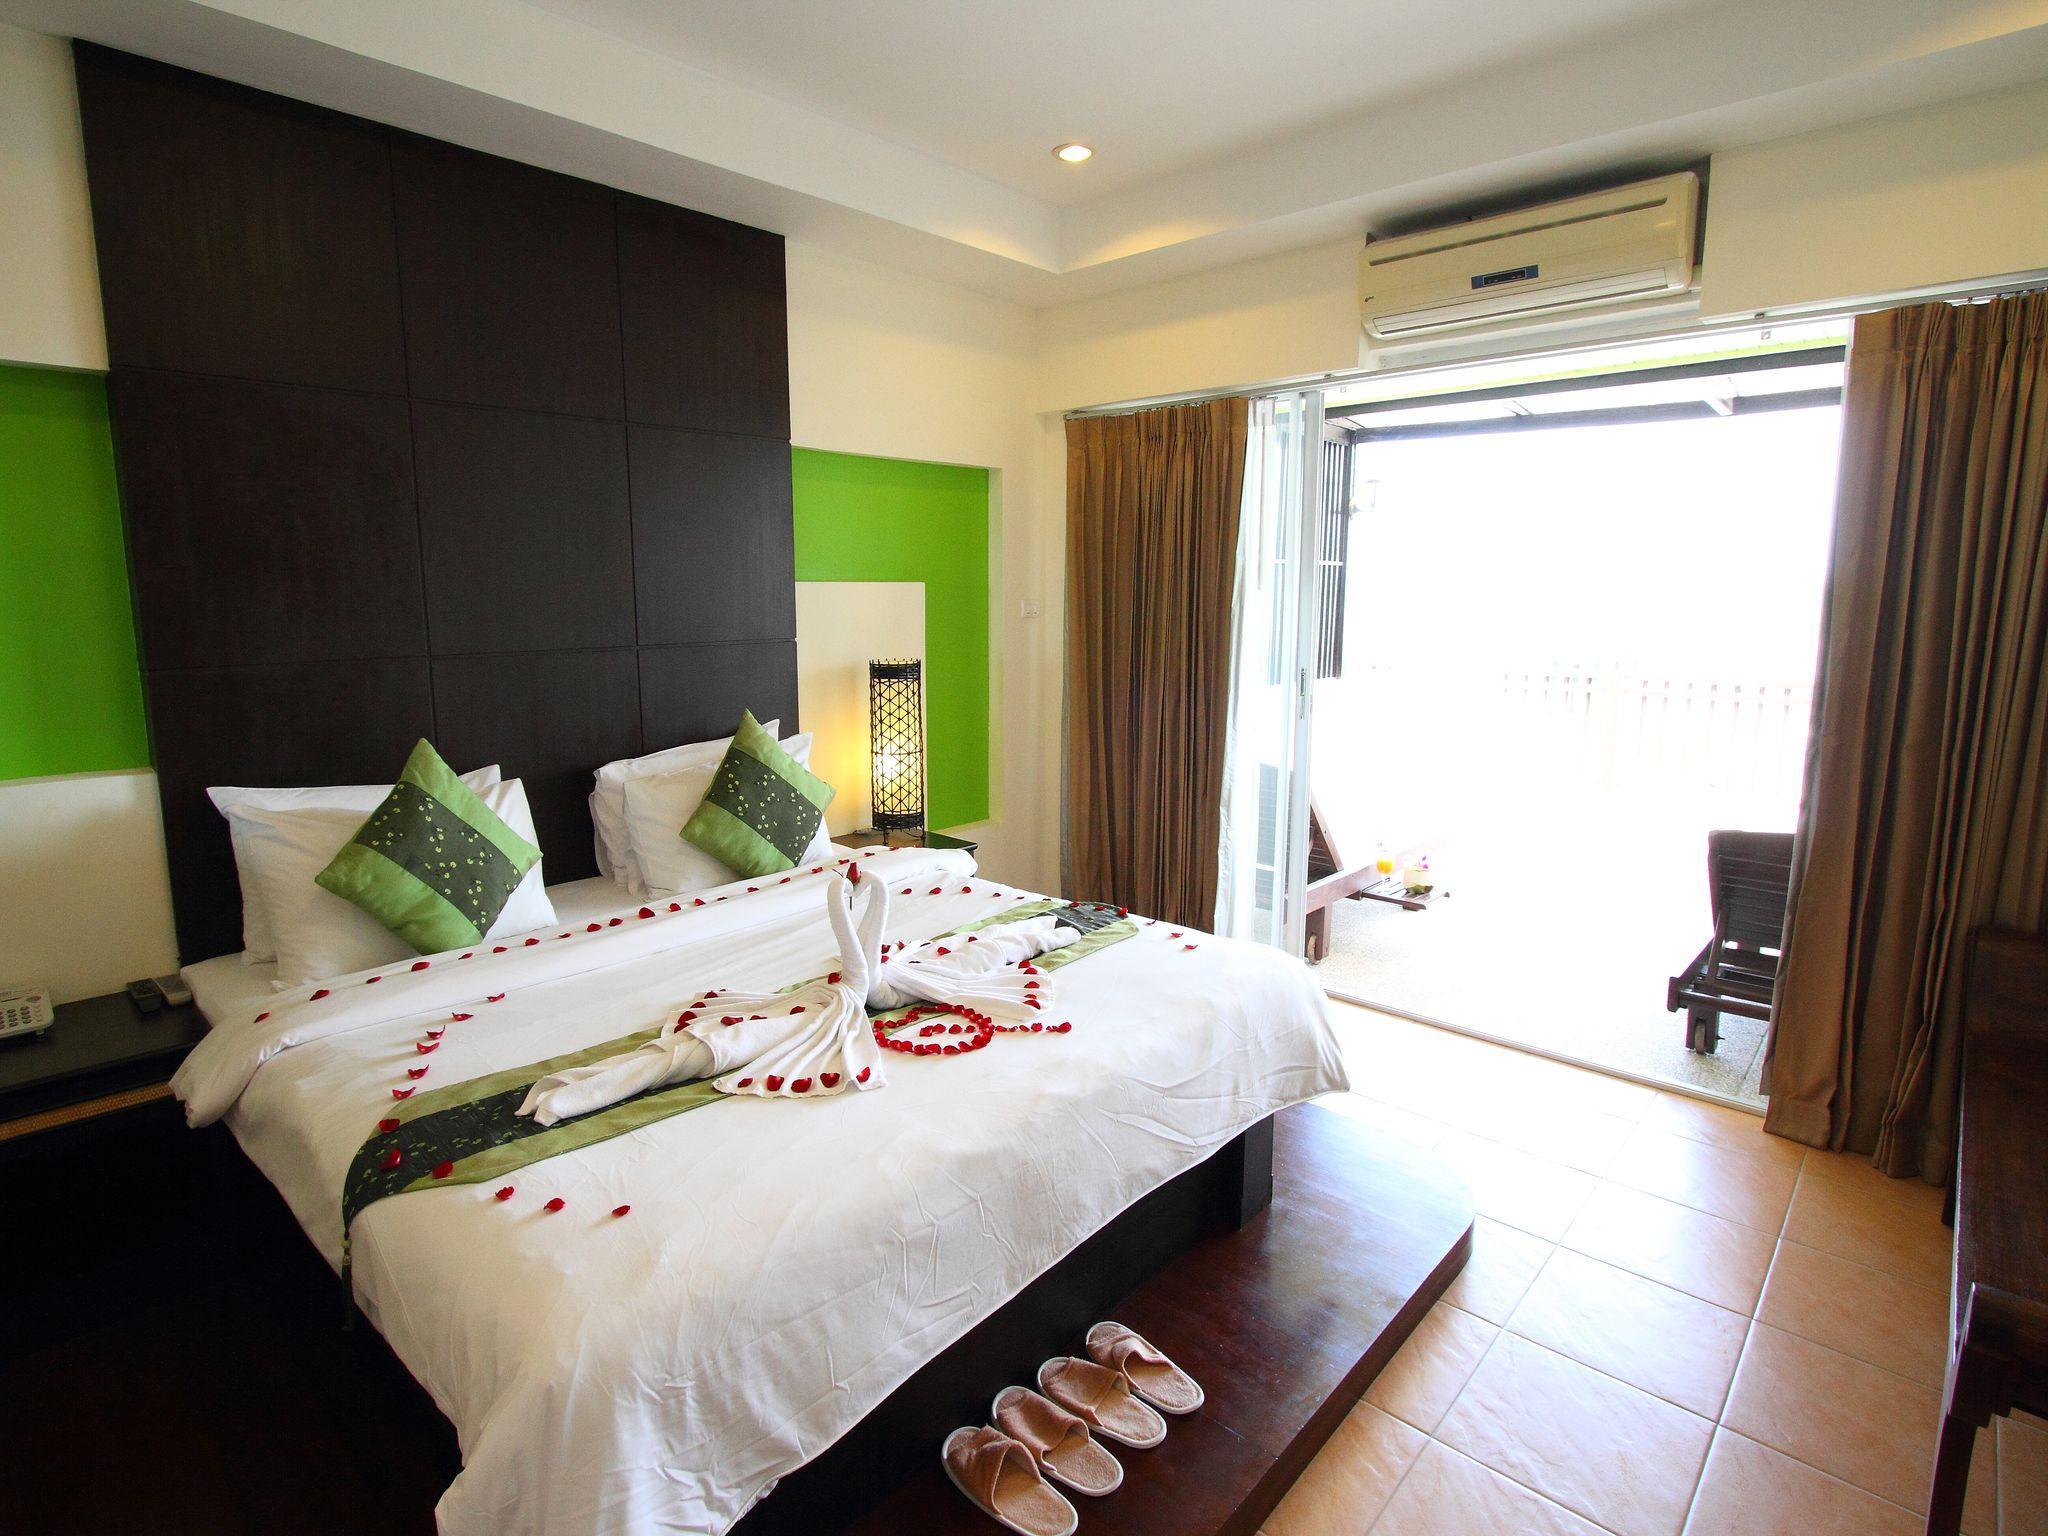 Royalnakara Aonang Hotel